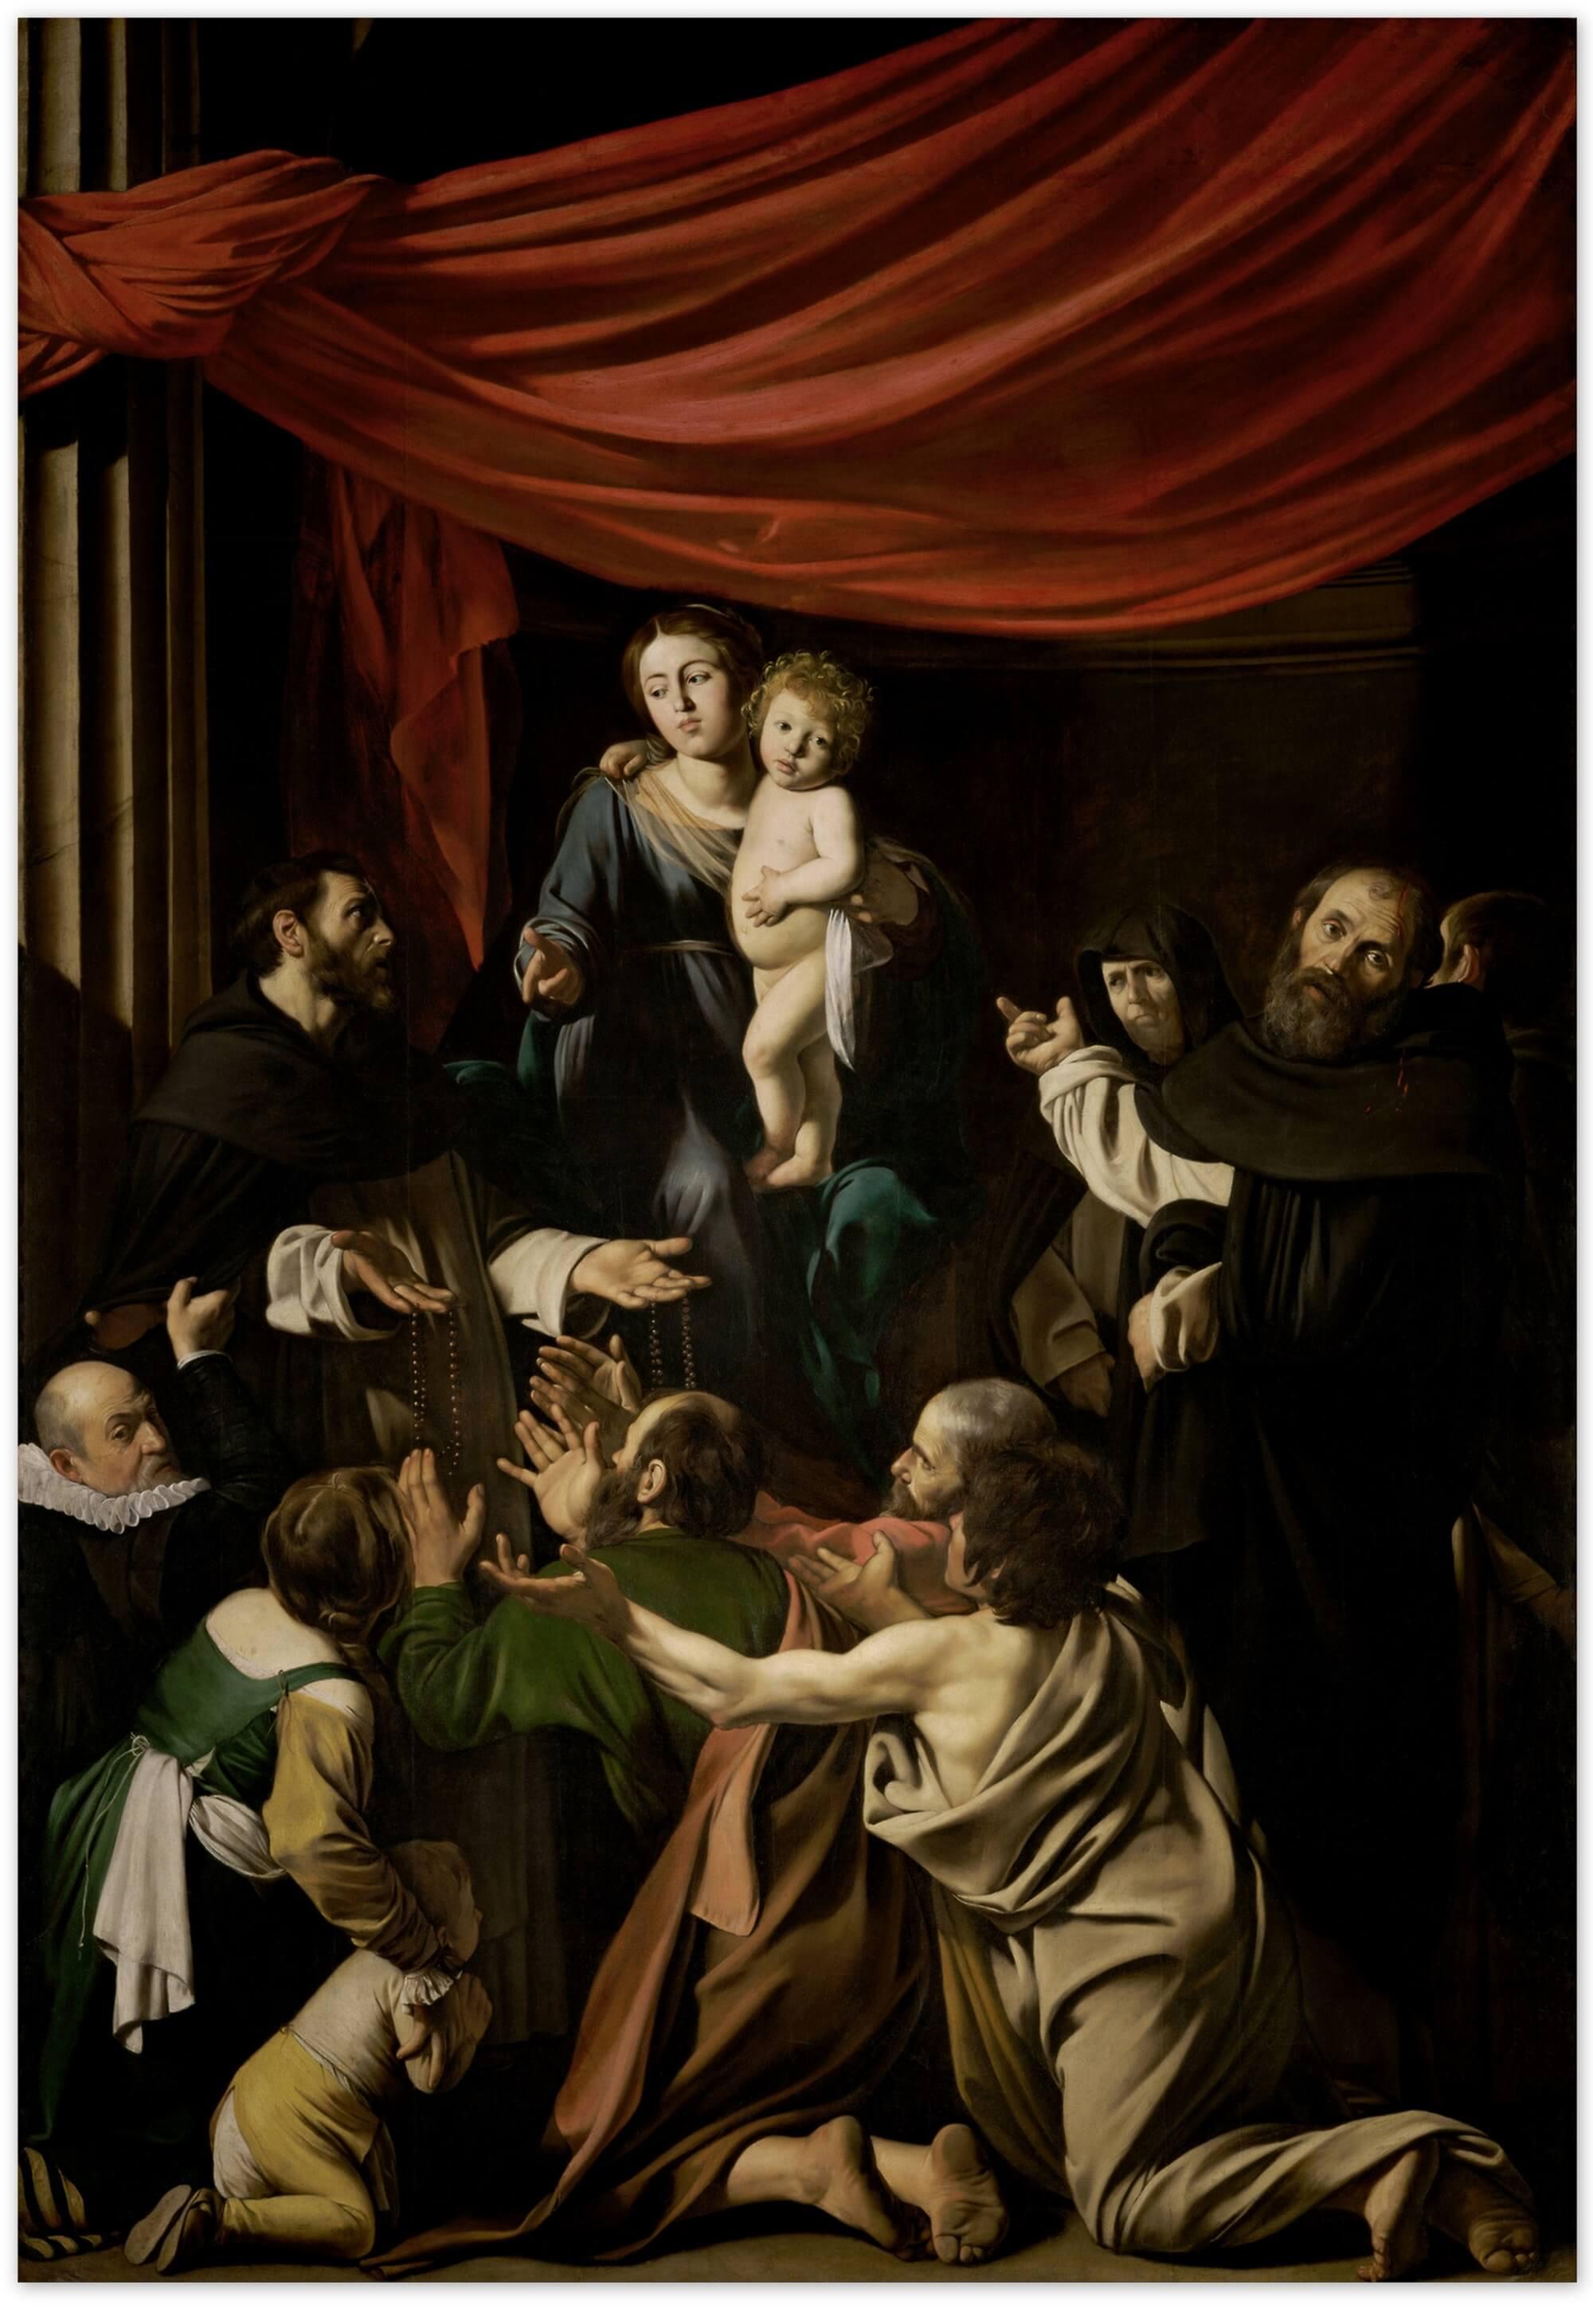 Караваджо картина Мадонна с четками